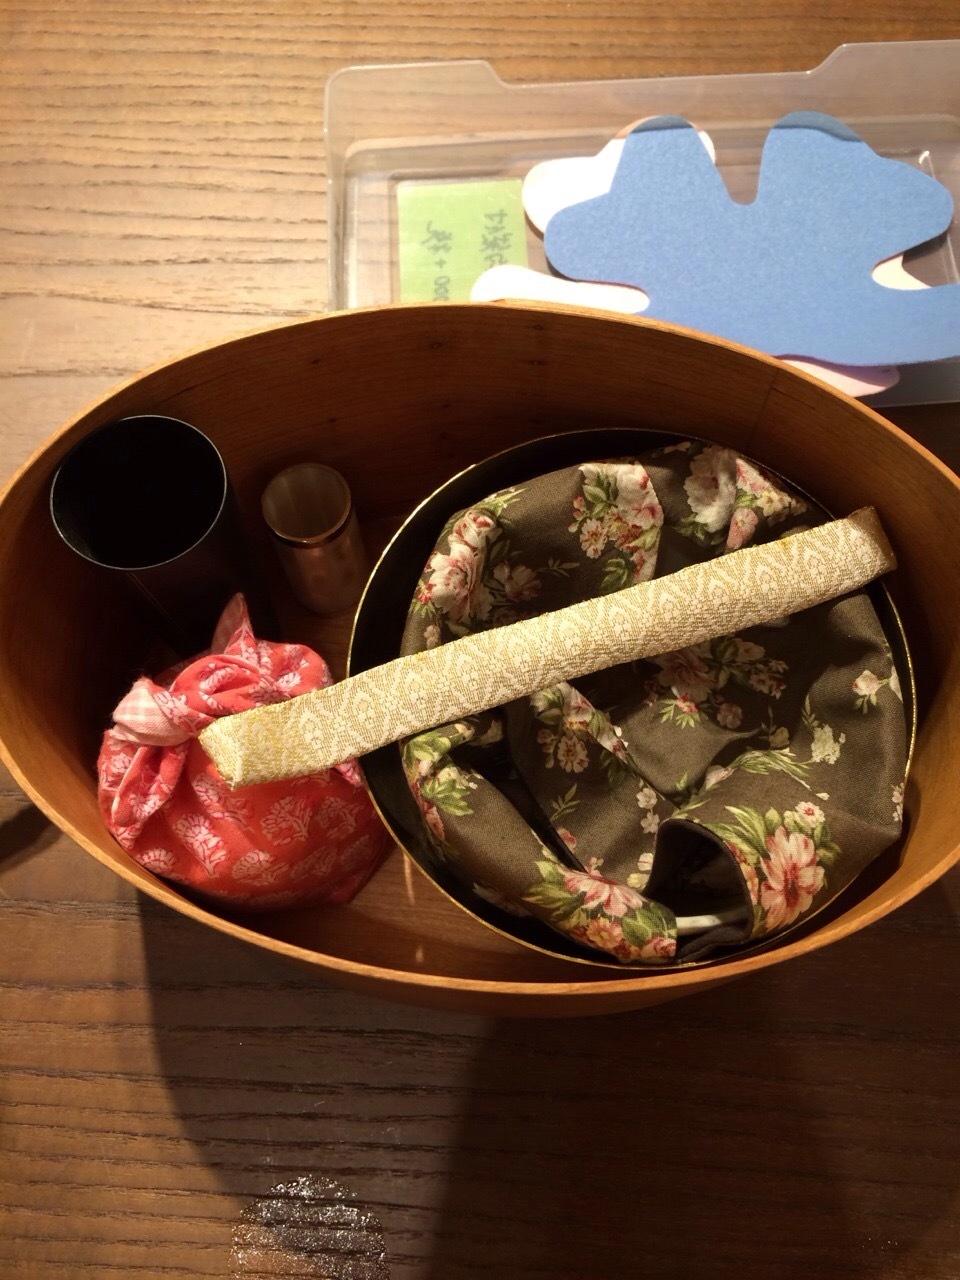 ISETAN Tea Box Demonstration_d0334837_08220303.jpg